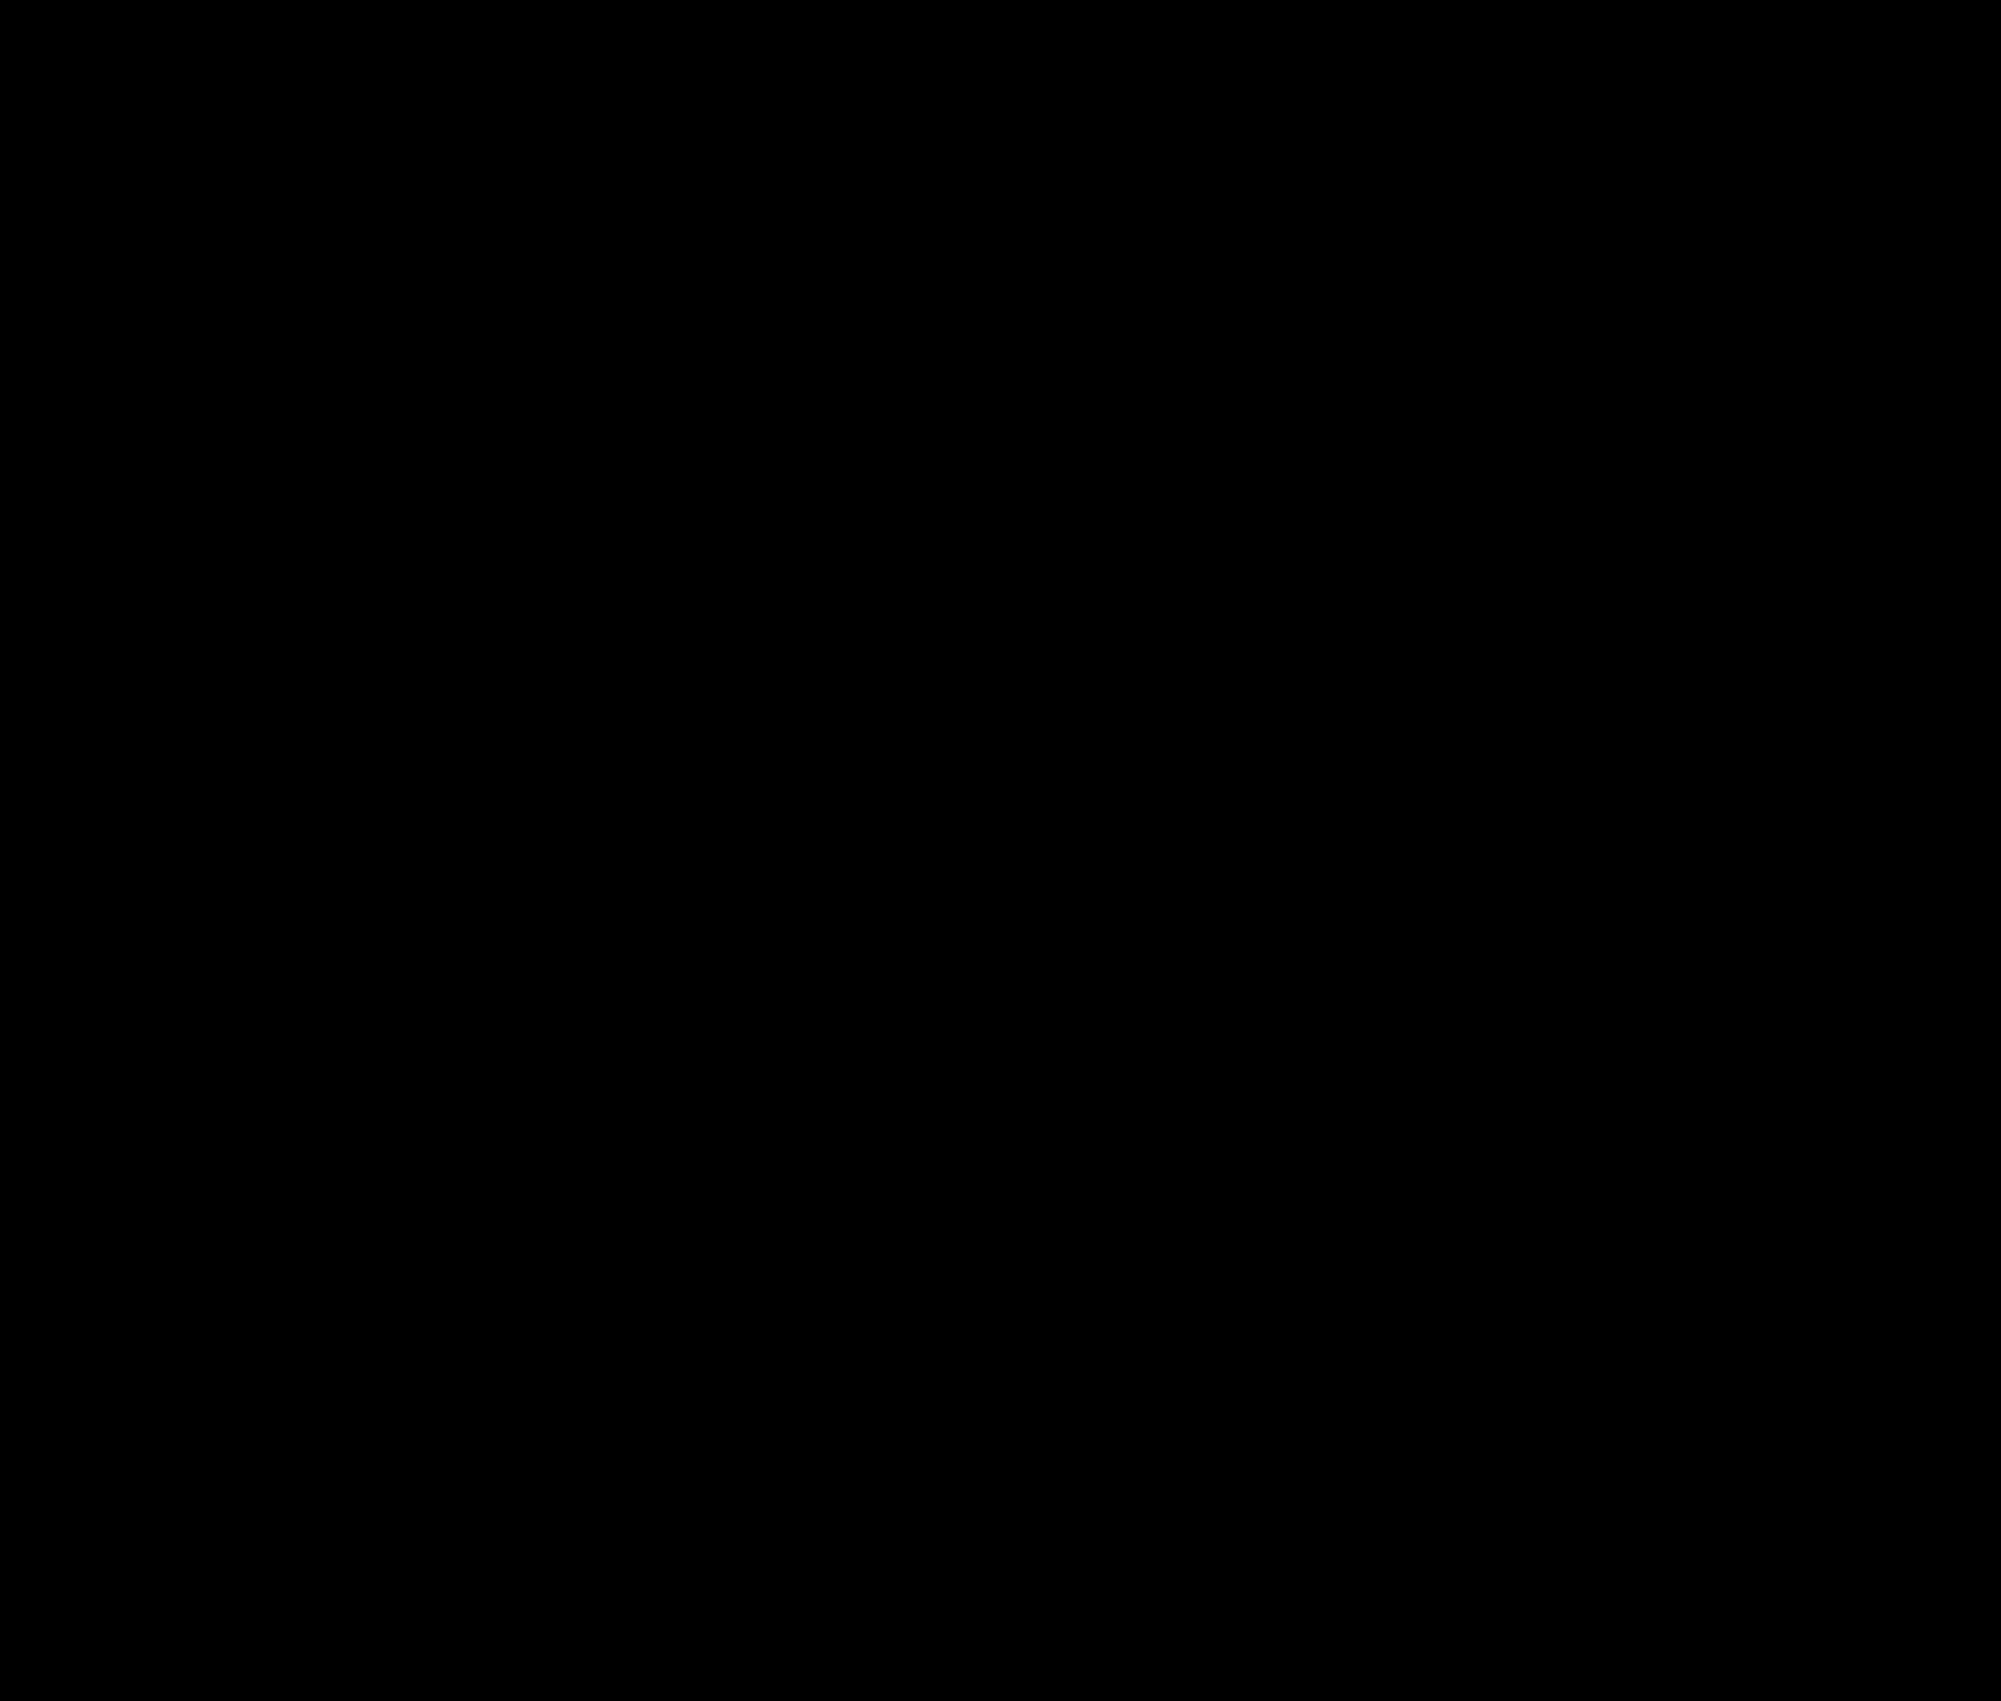 Naruto Clipart Logo.